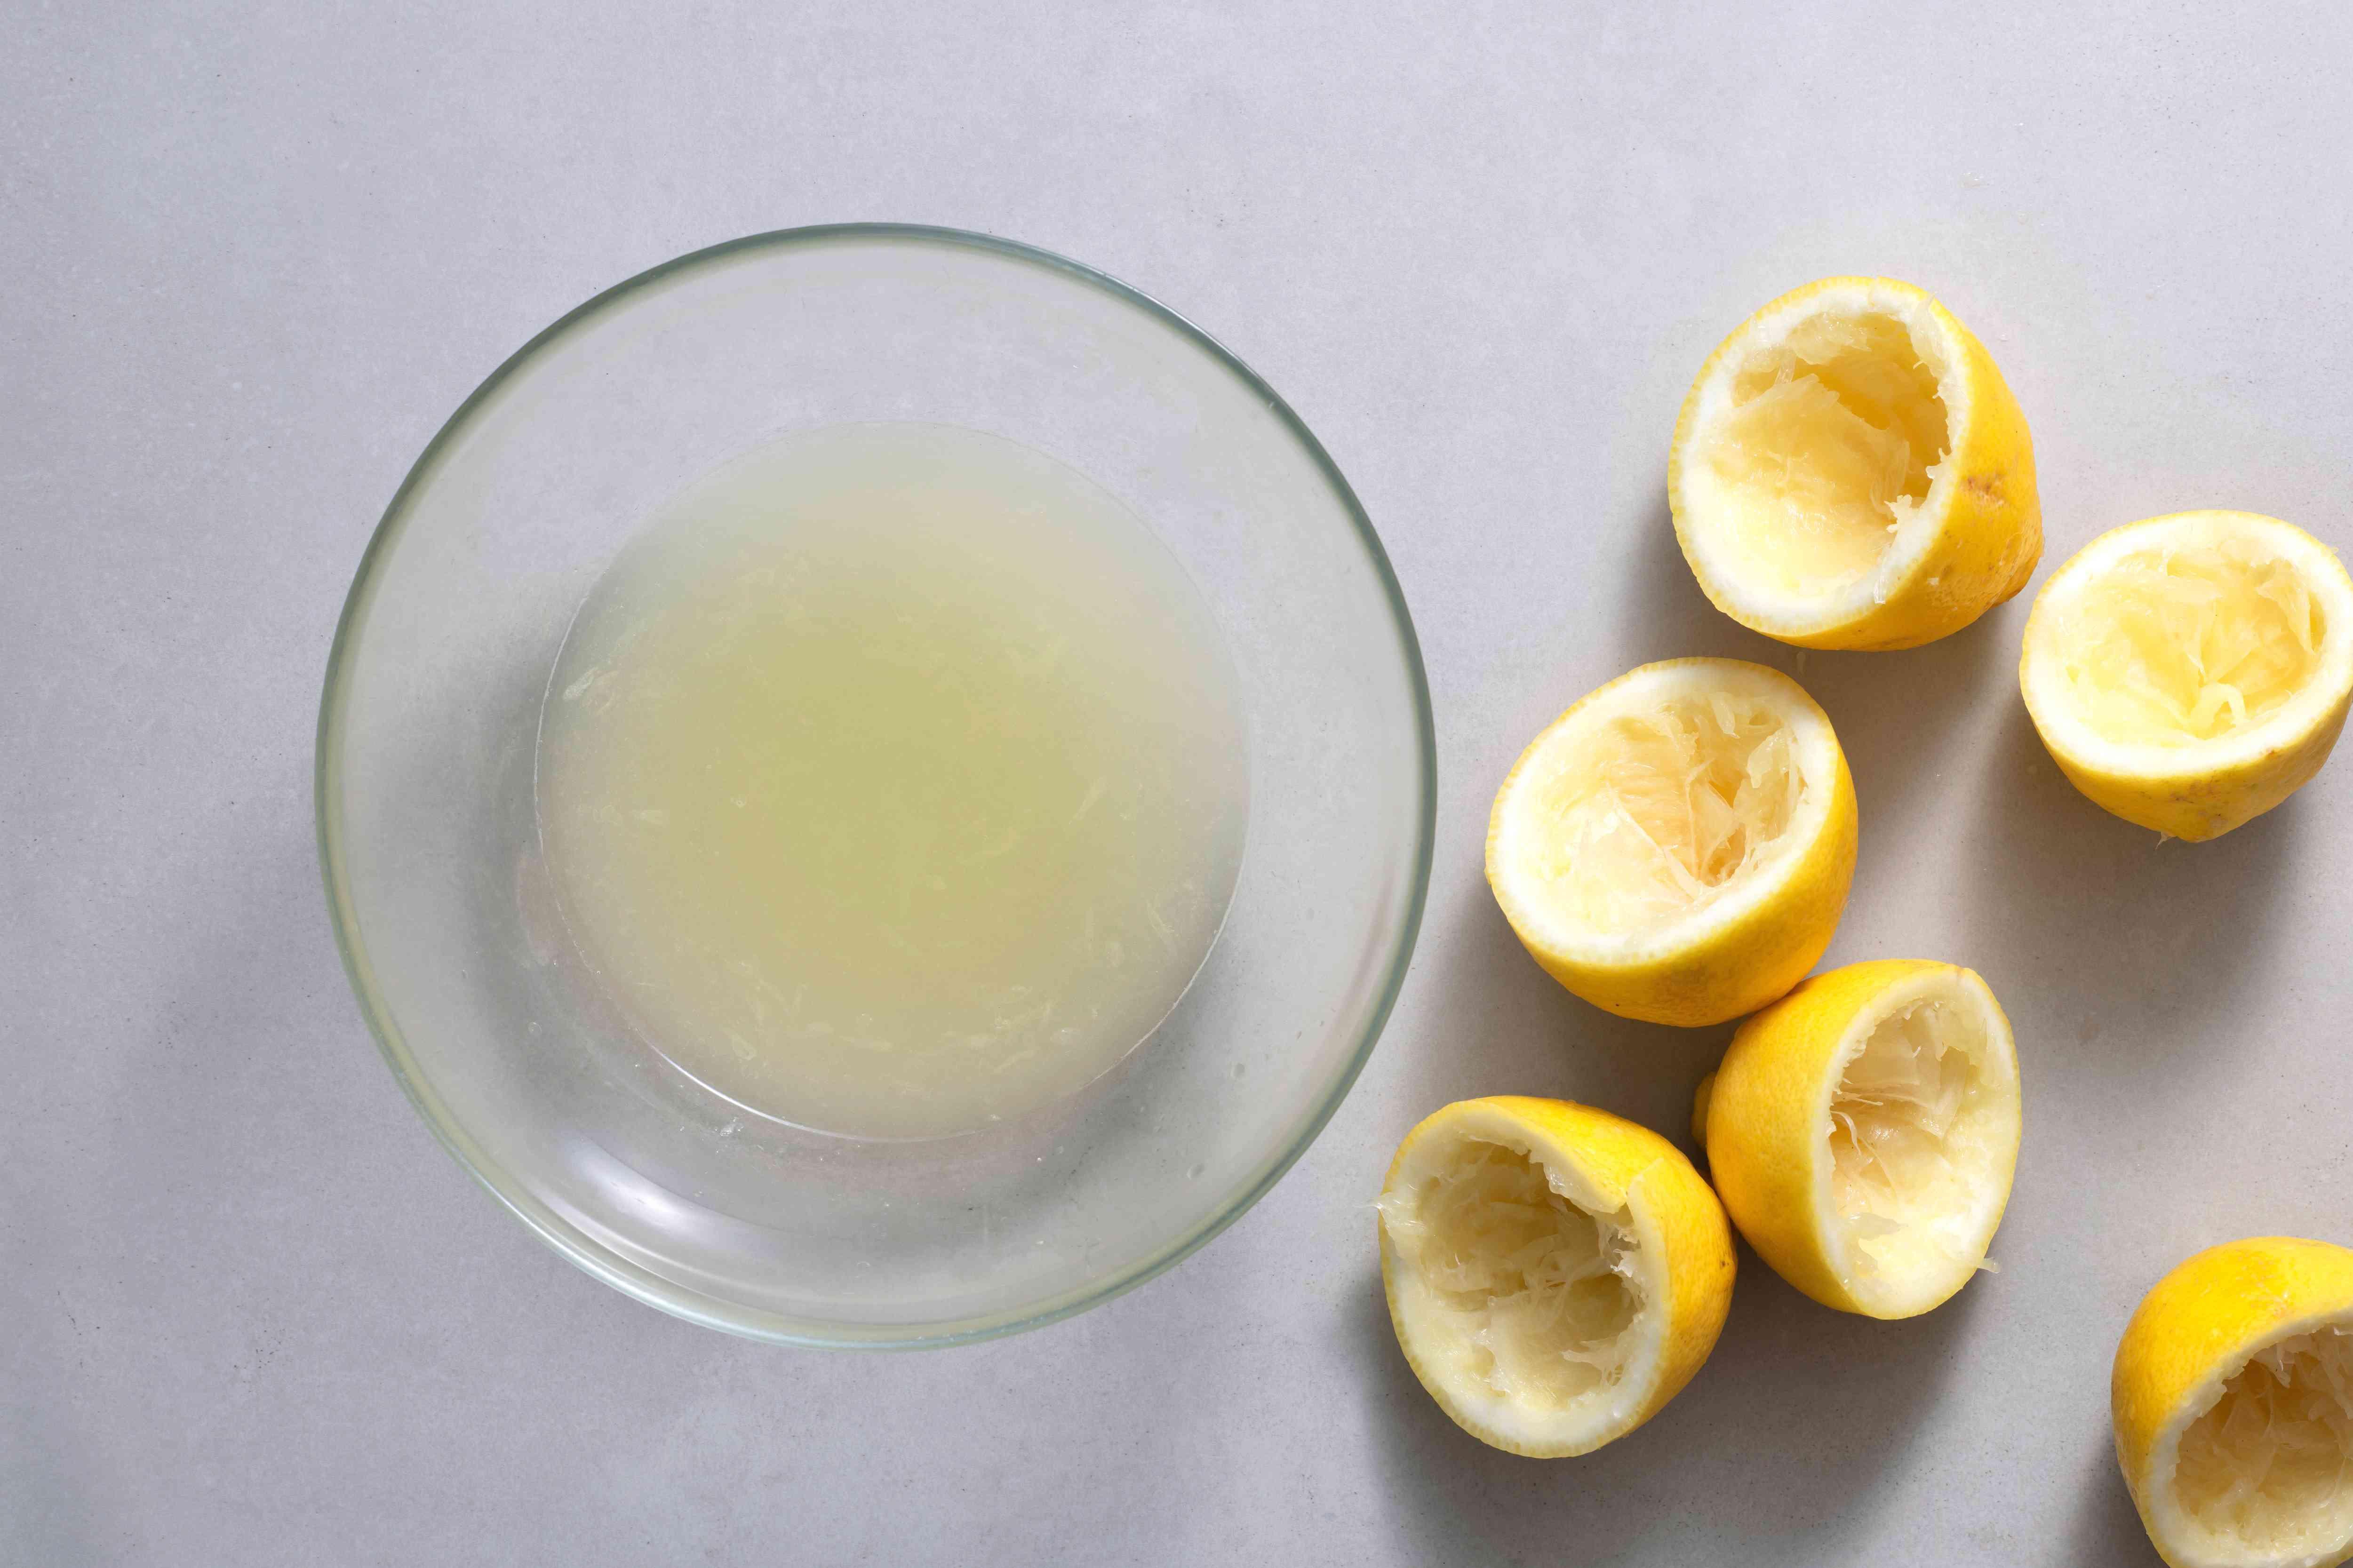 lemon juice in a bowl